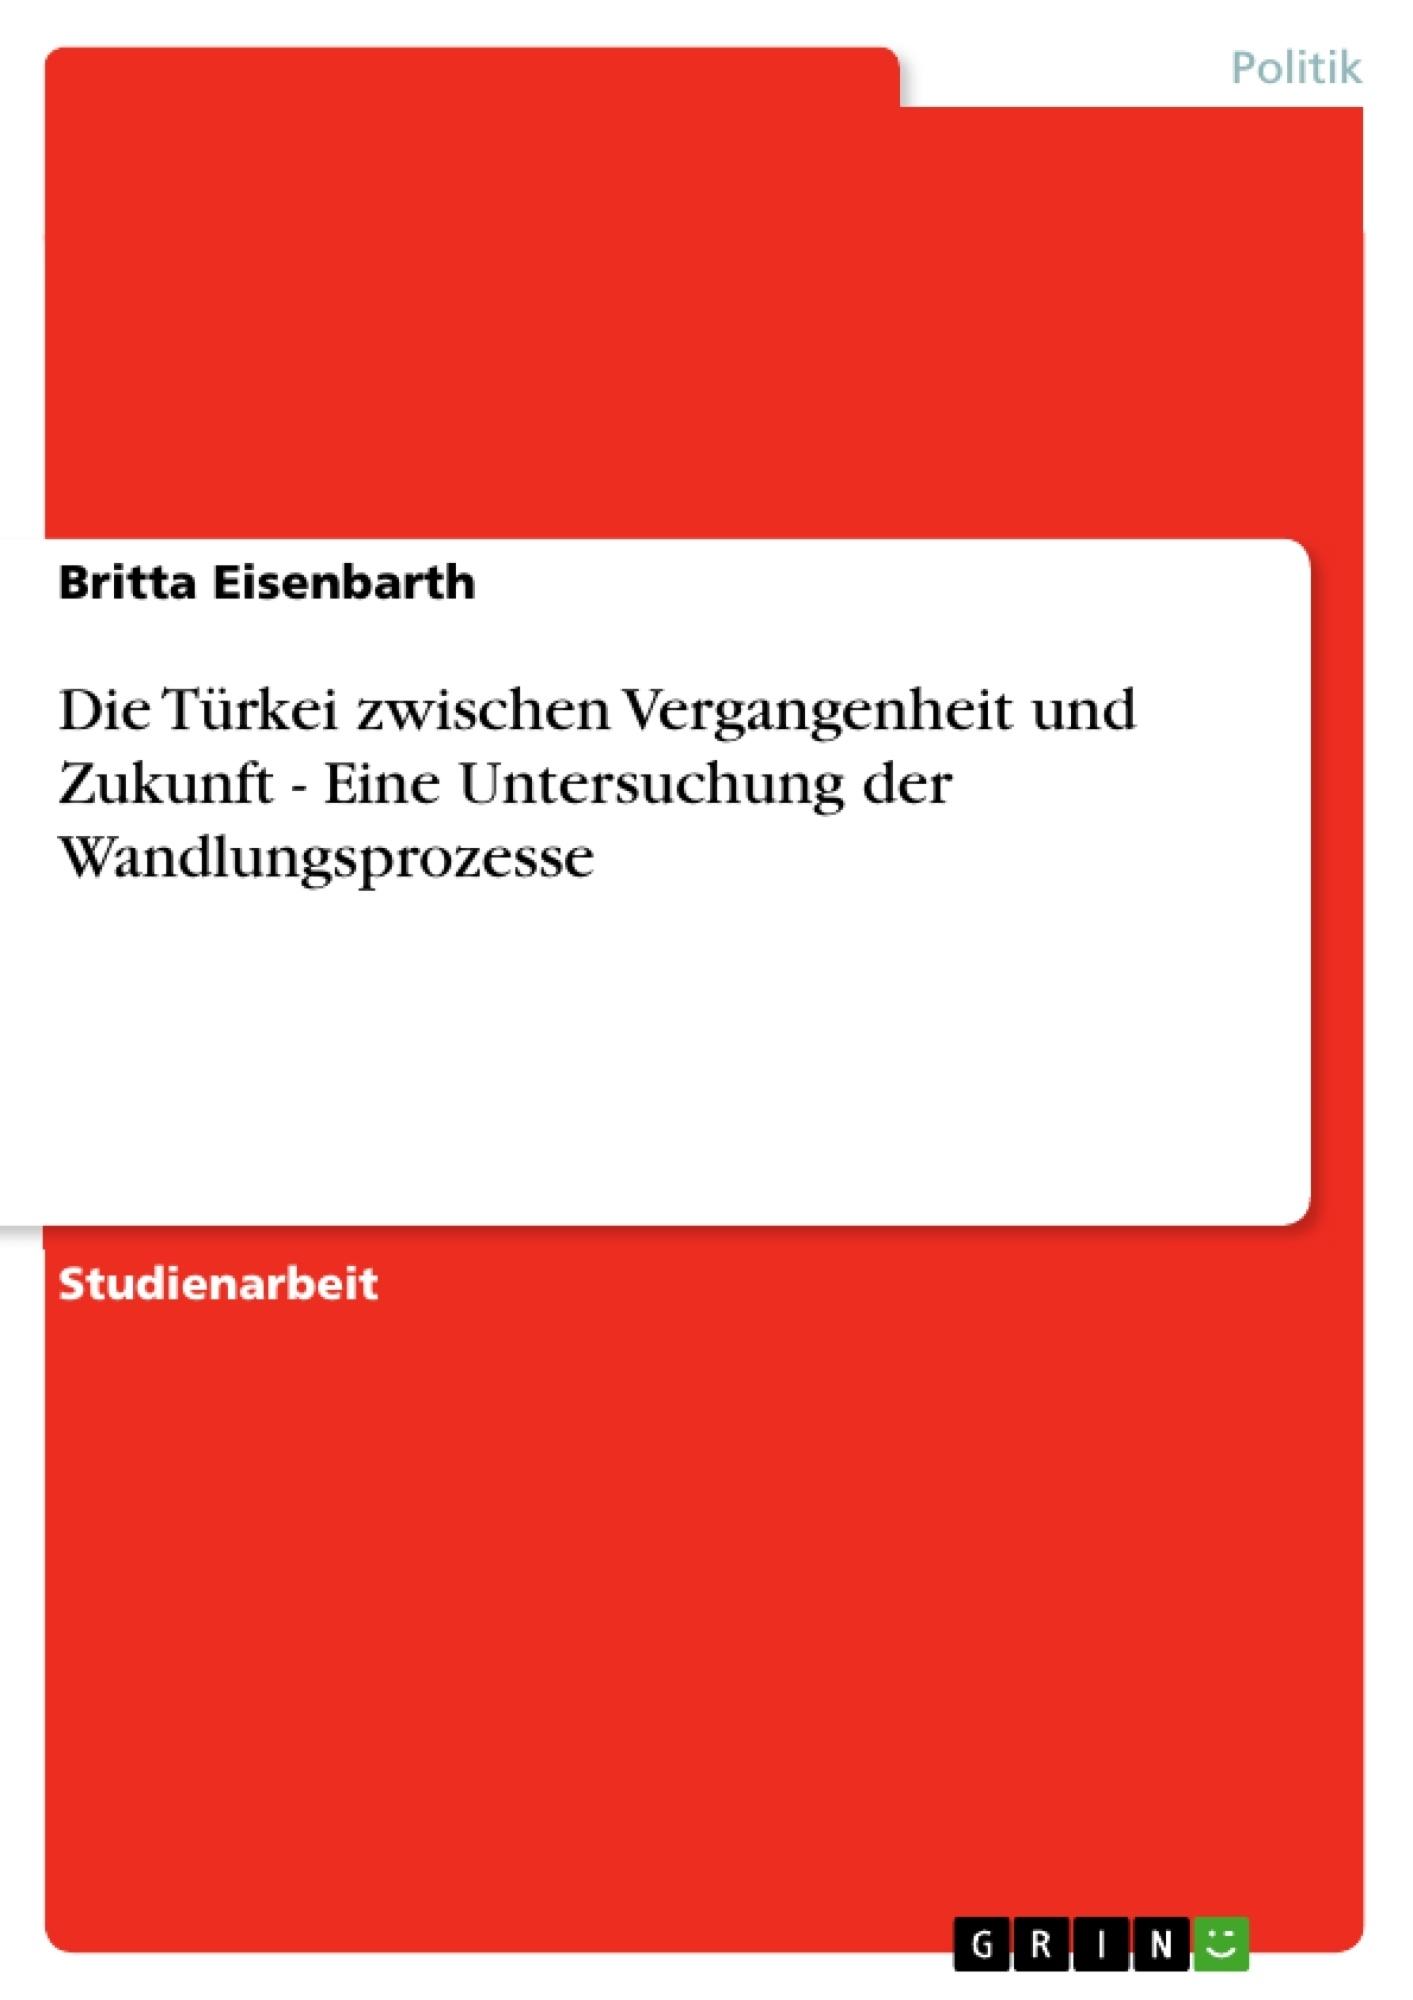 Titel: Die Türkei zwischen Vergangenheit und Zukunft - Eine Untersuchung der Wandlungsprozesse